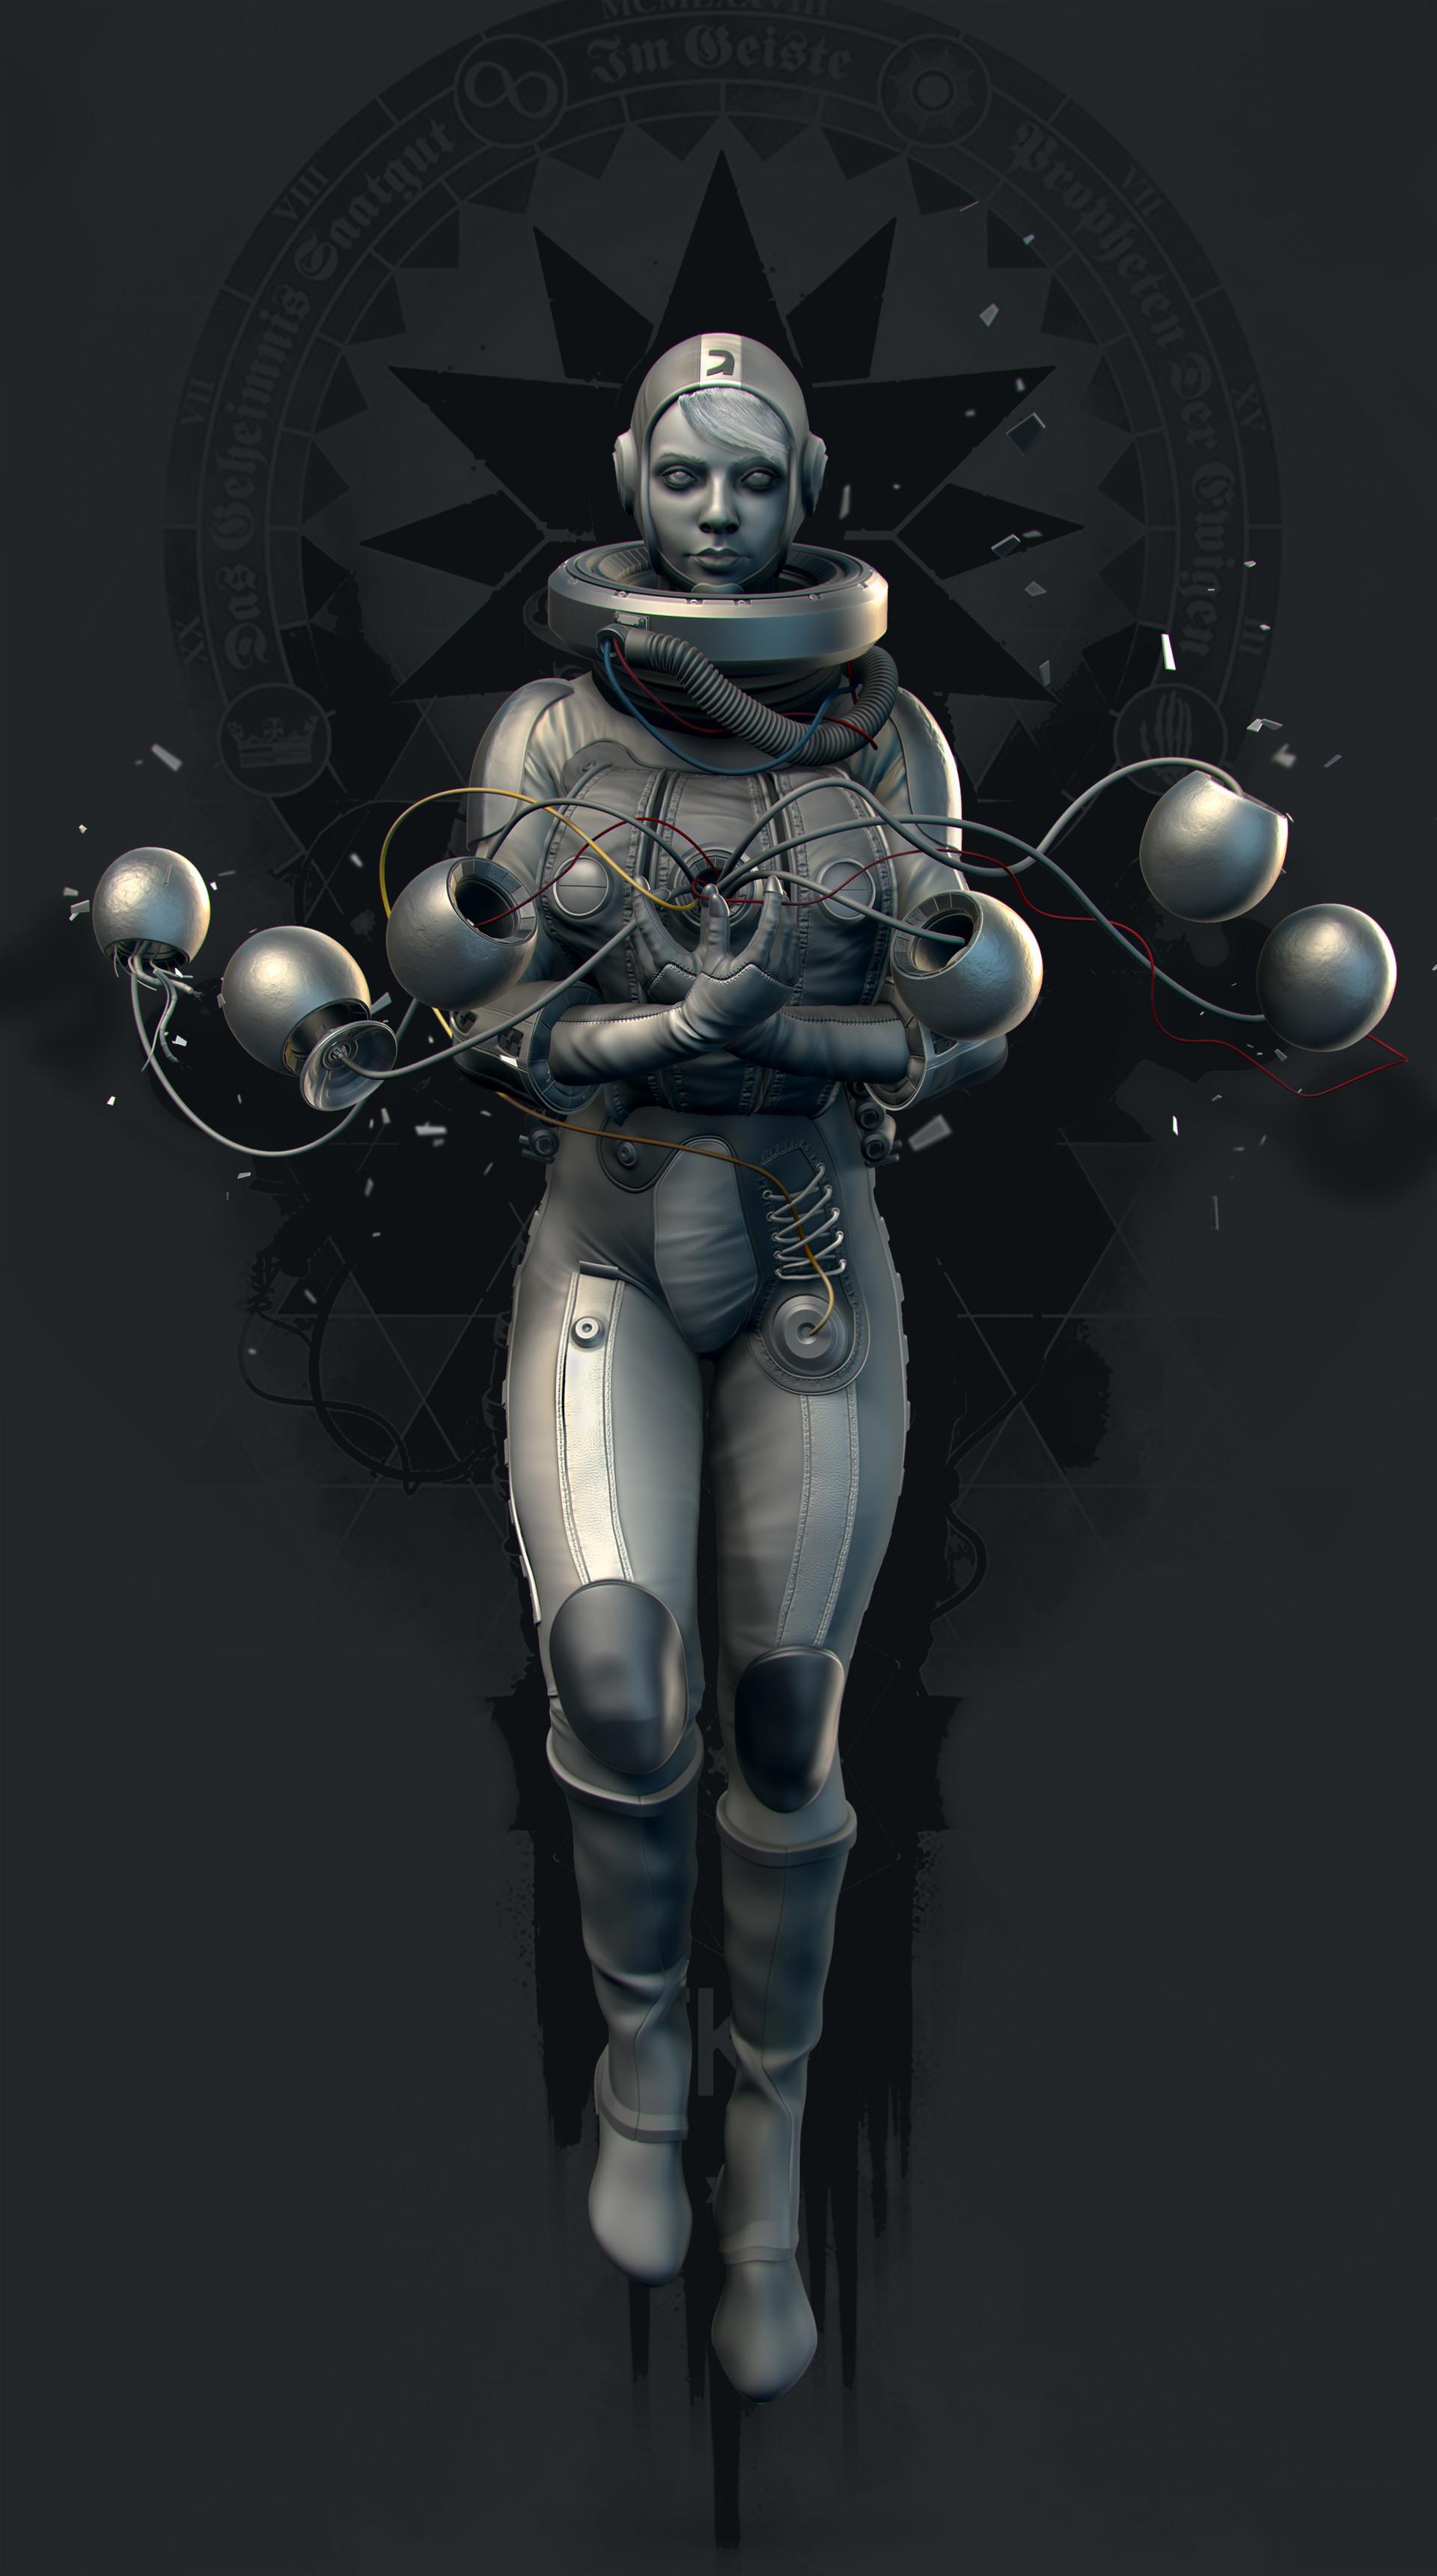 Vinicius favero cosmonaut